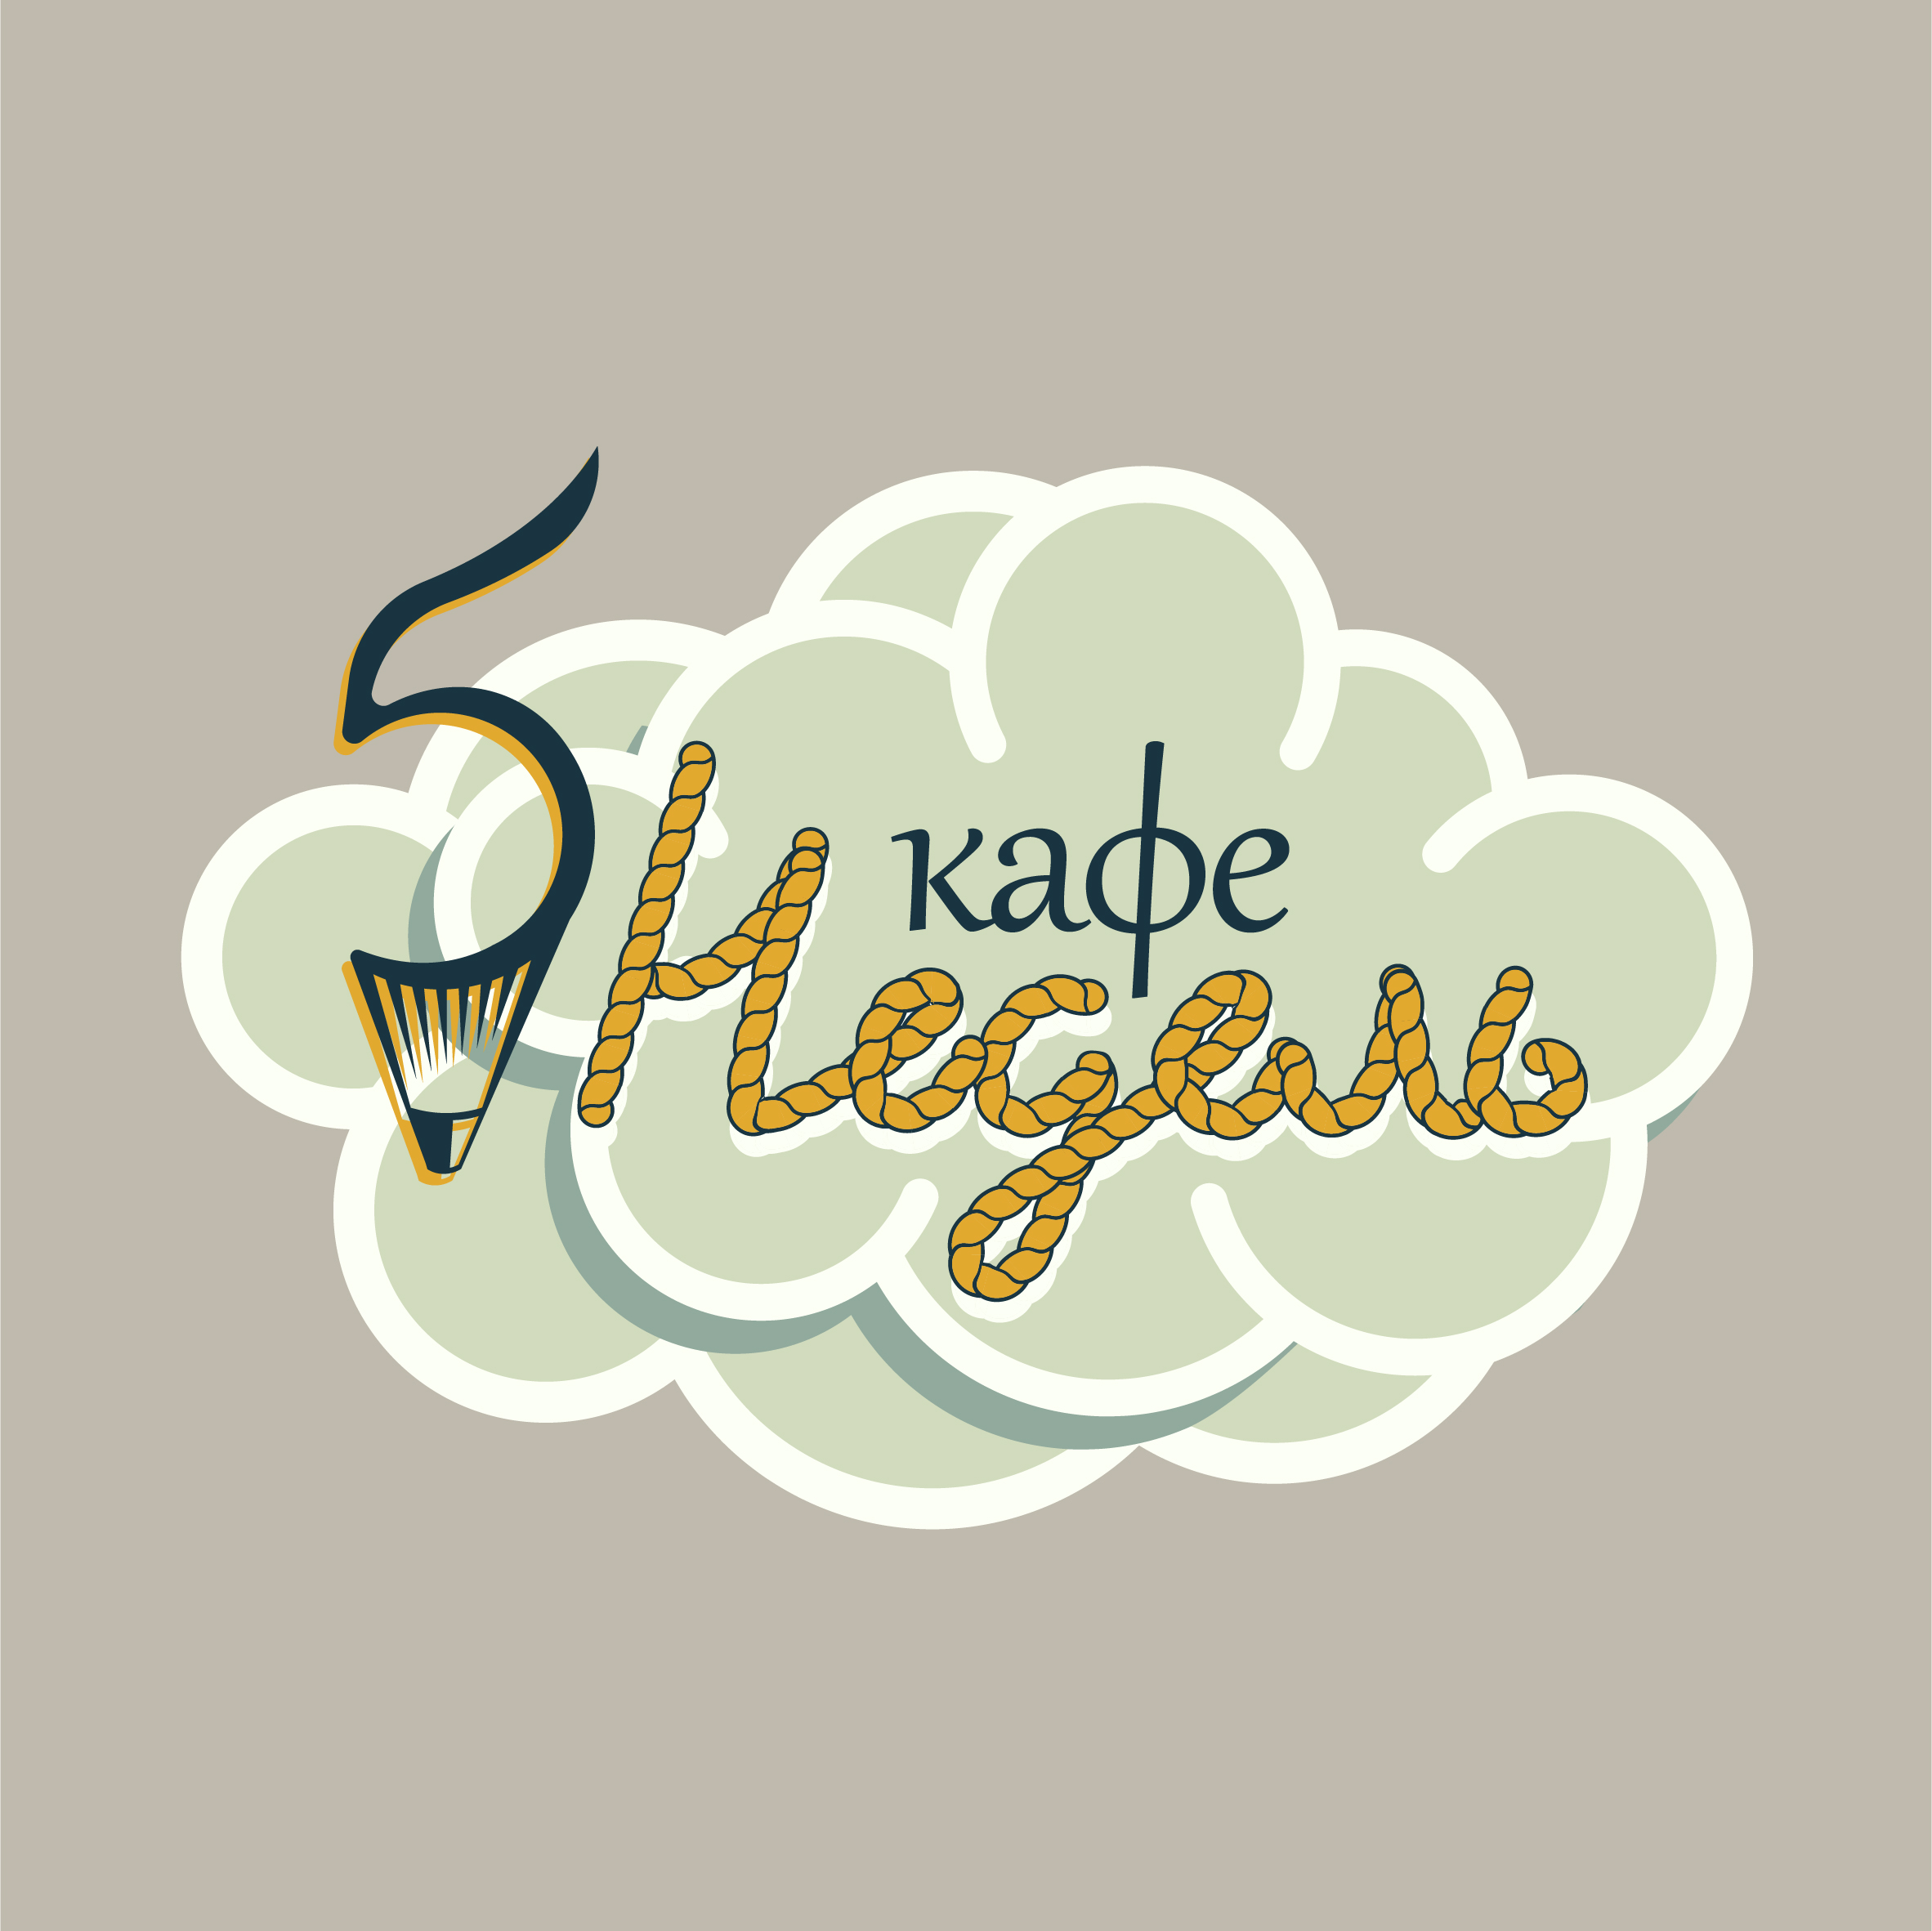 Логотип для кафе фото f_20259b05ecab58d8.jpg